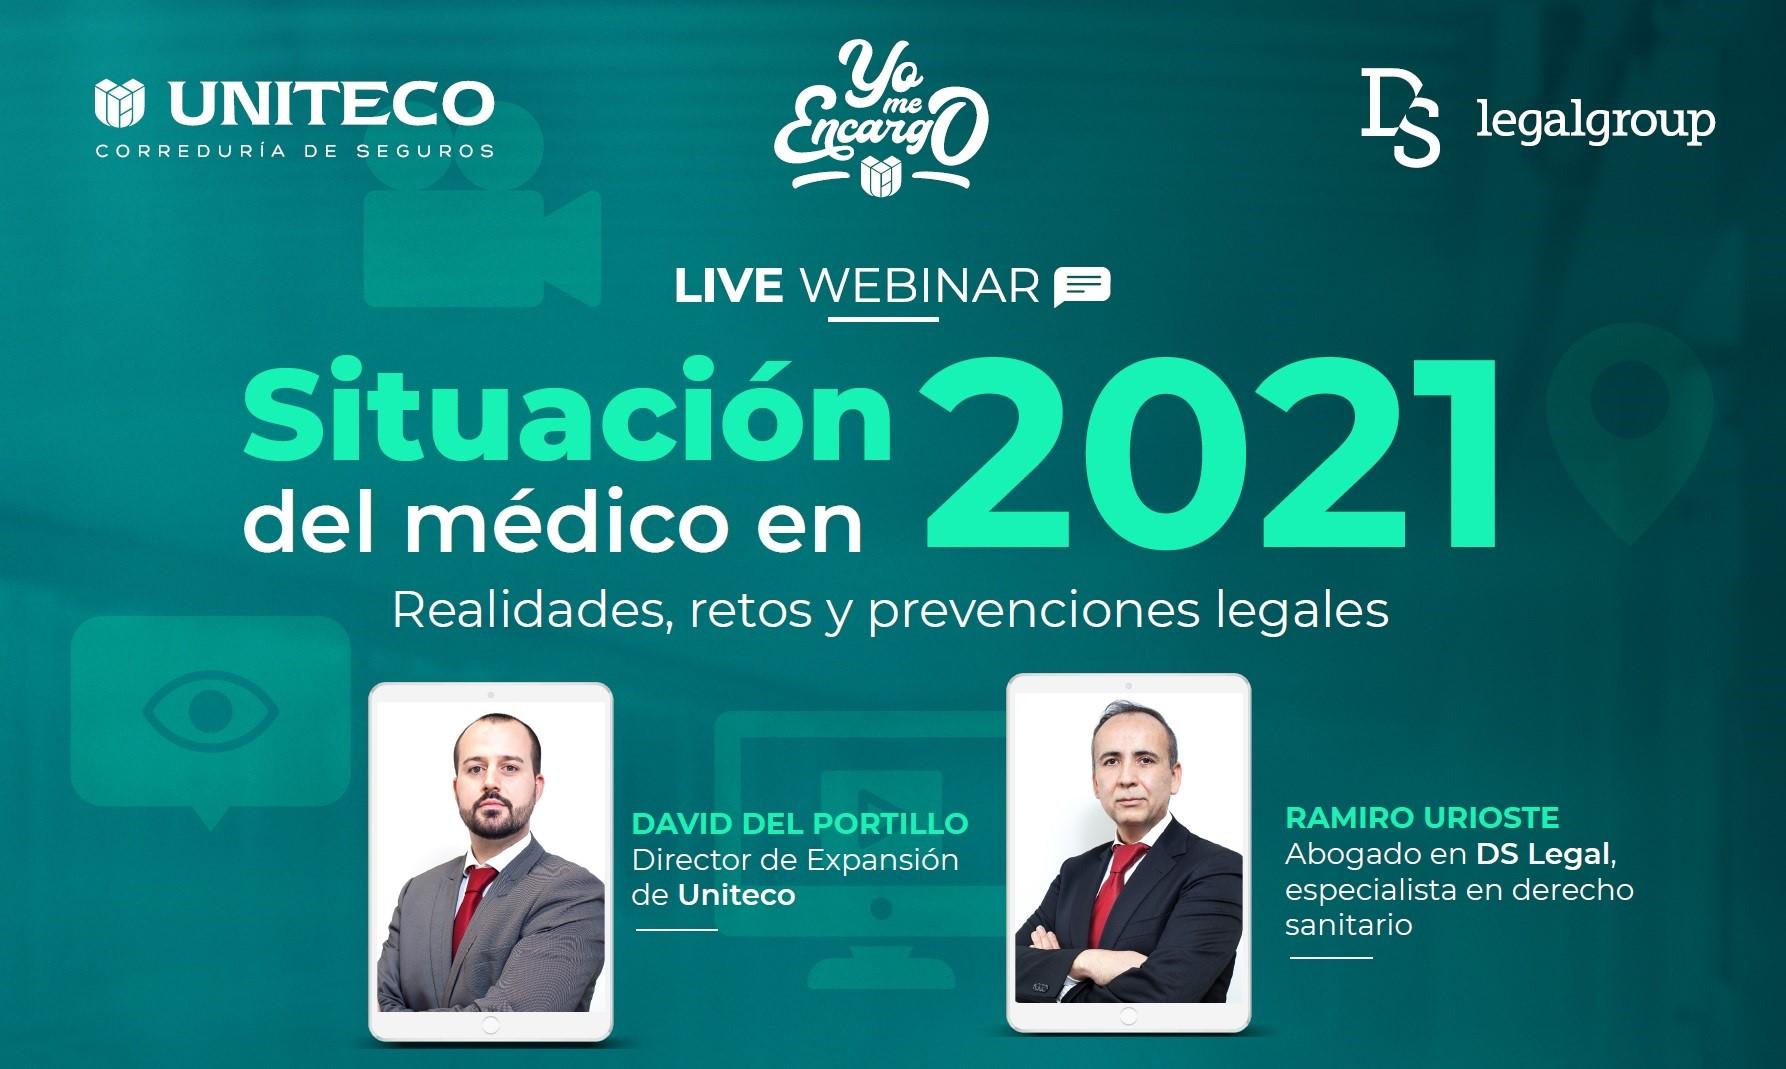 Realidades, retos y prevenciones legales de la profesión médica en 2021